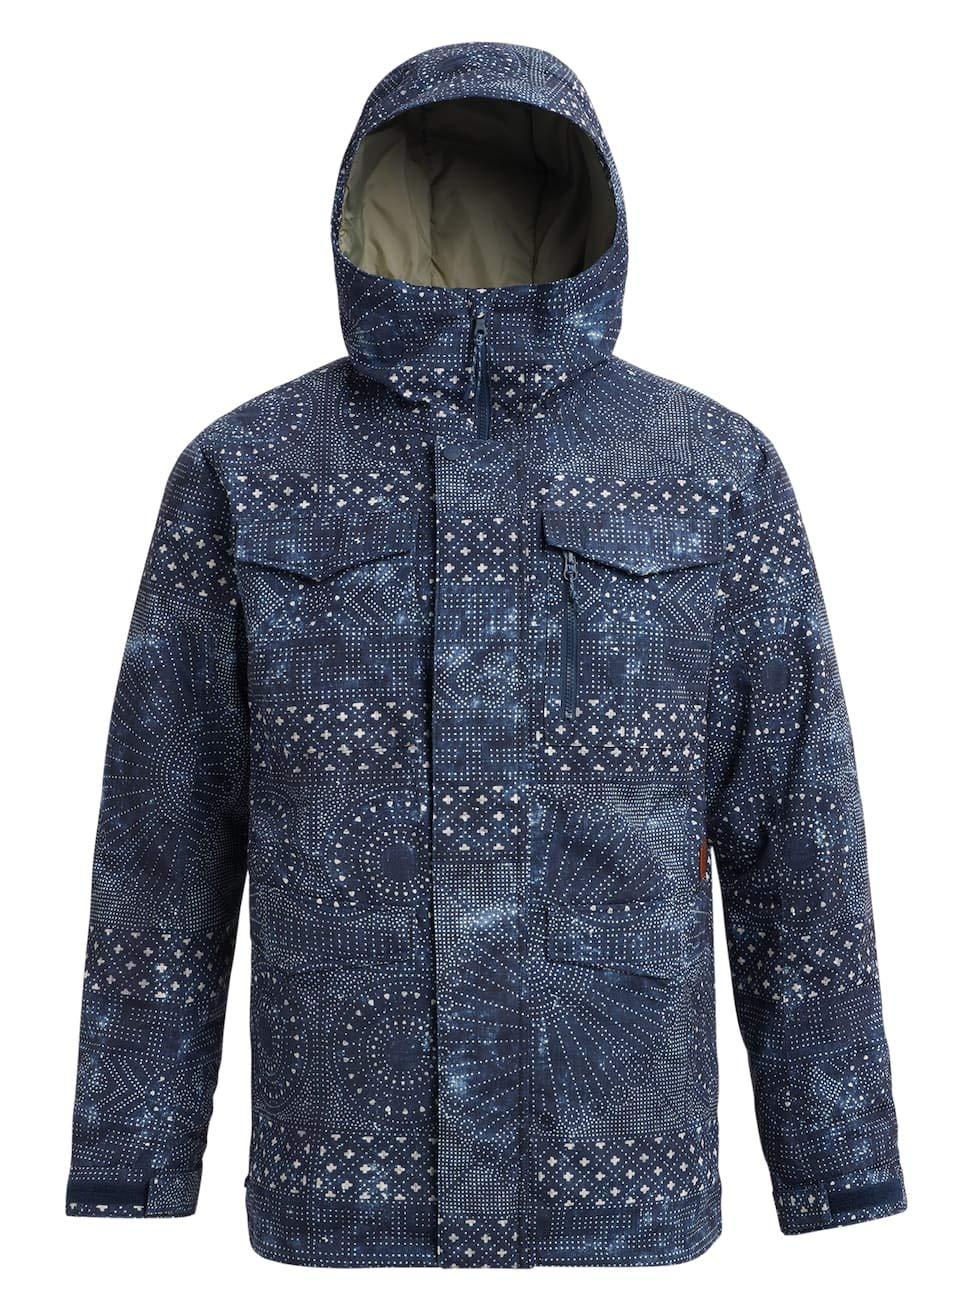 Burton(バートン) スノーボード ウェア メンズ ジャケット COVERT JACKET 2018-19年モデル S~Lサイズ B07B6SW29L Sサイズ|INDIGO RESIST INDIGO RESIST Sサイズ